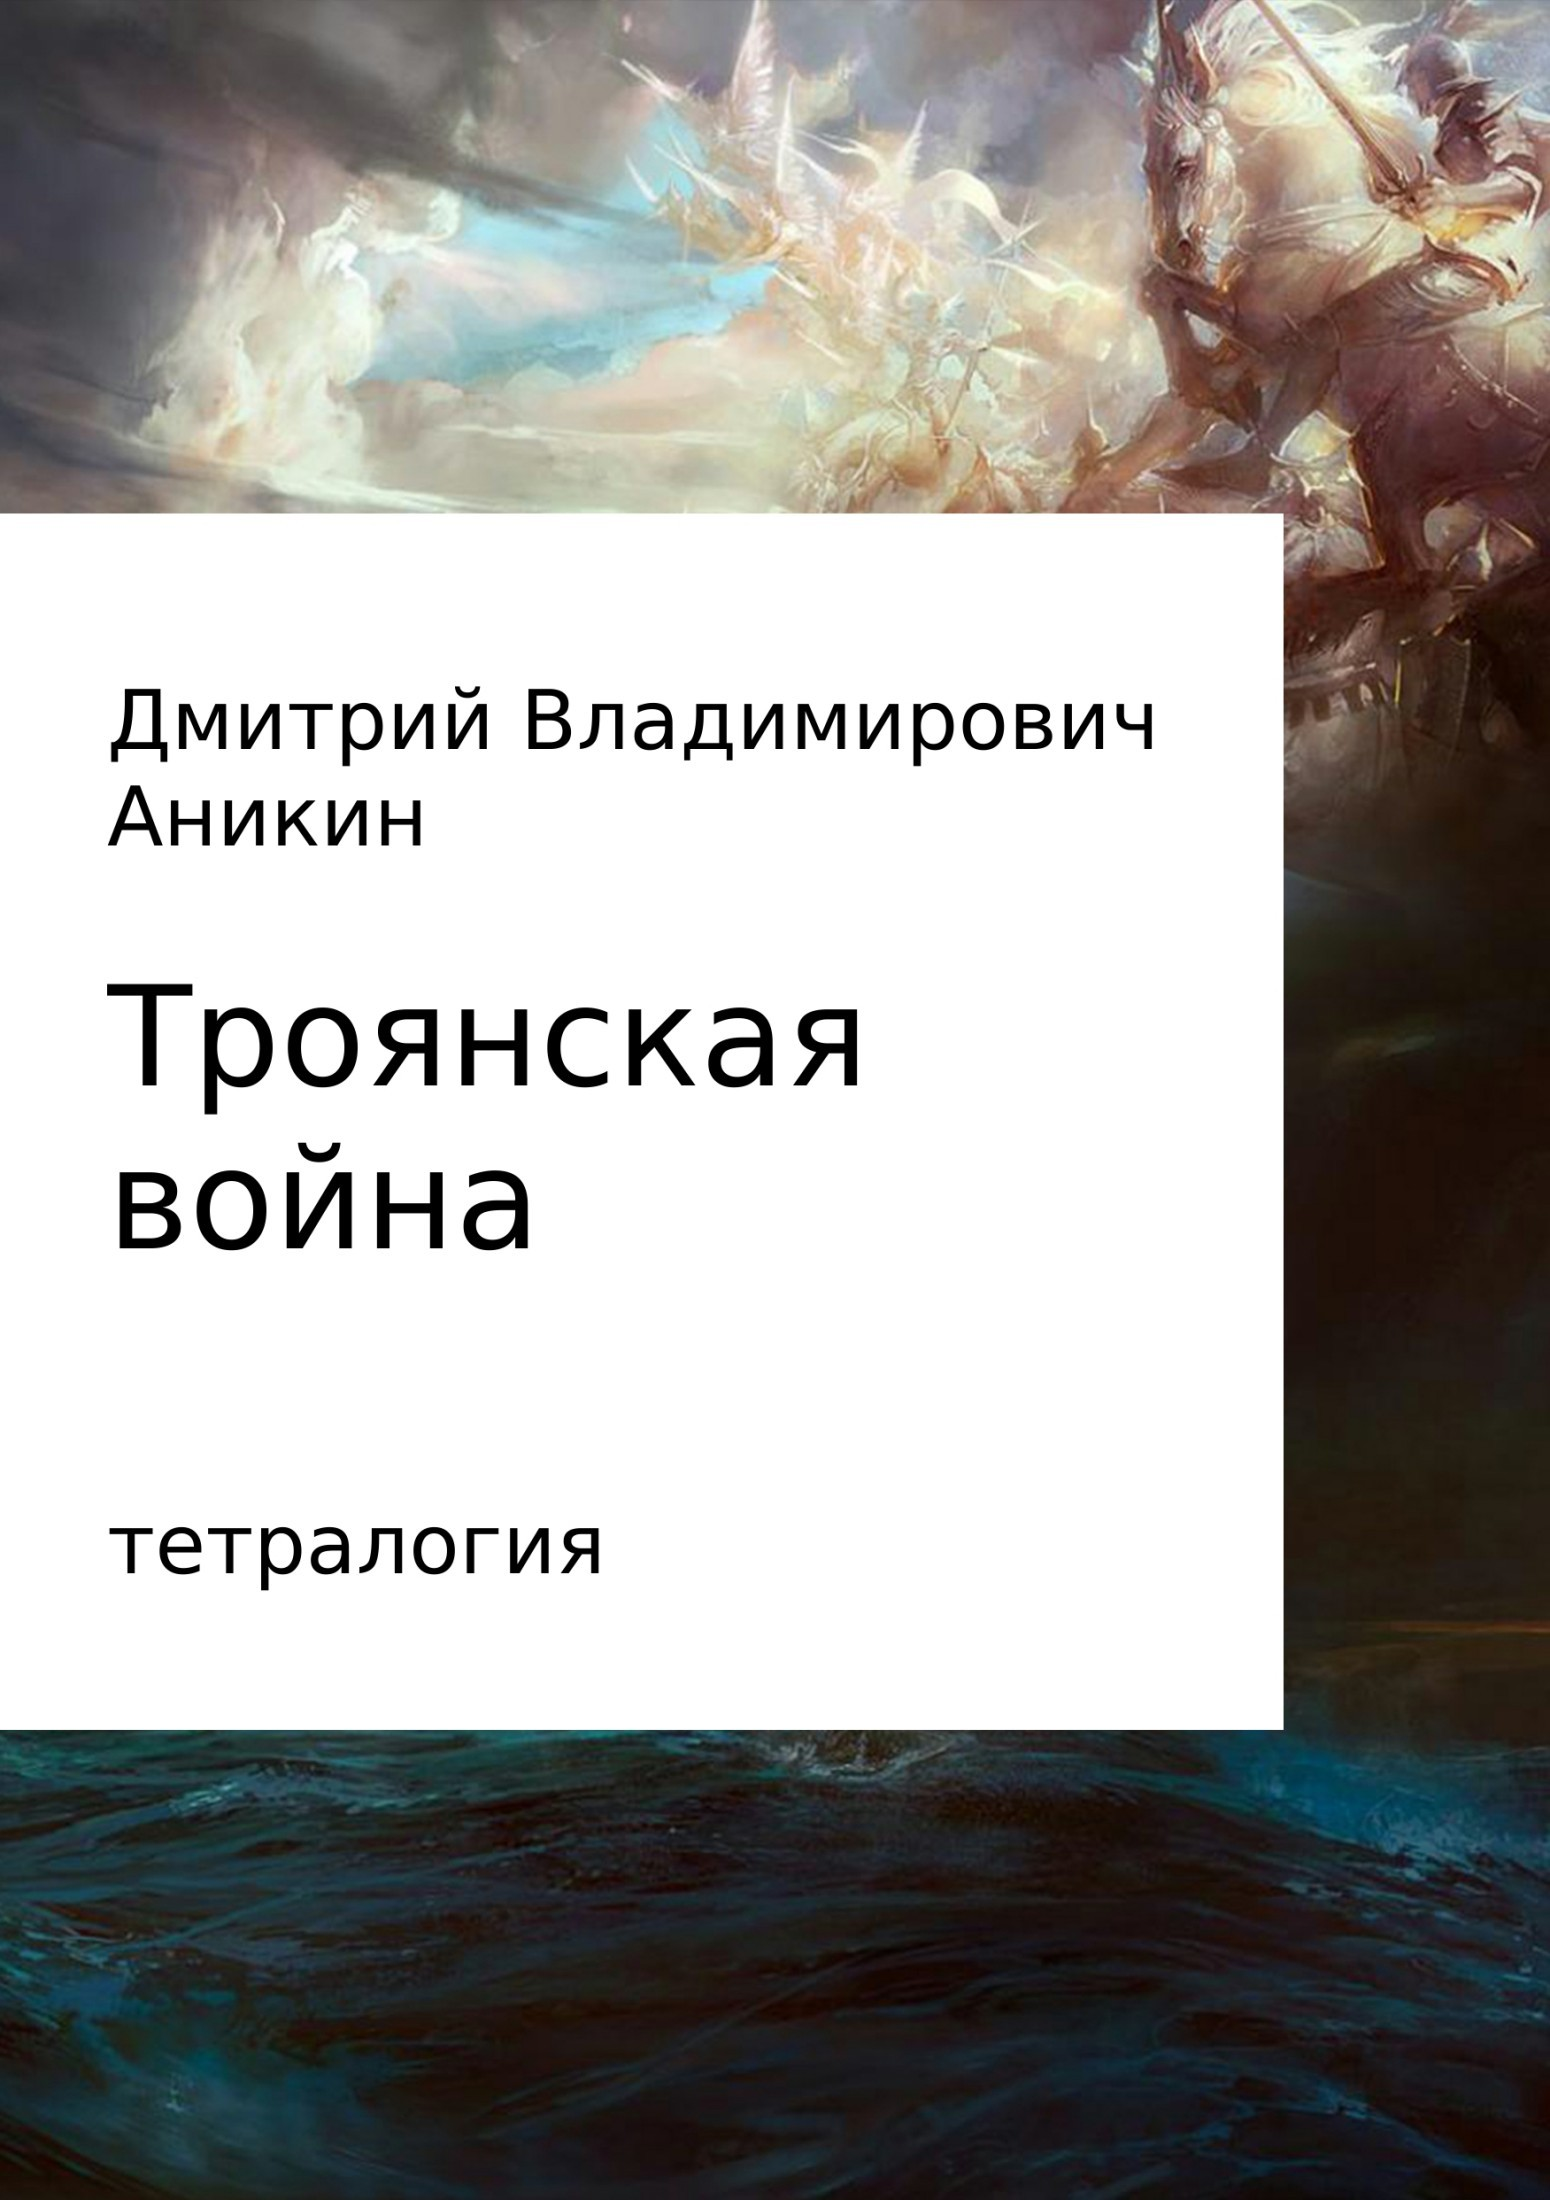 Дмитрий Владимирович Аникин Троянская война оливия кулидж троянская война